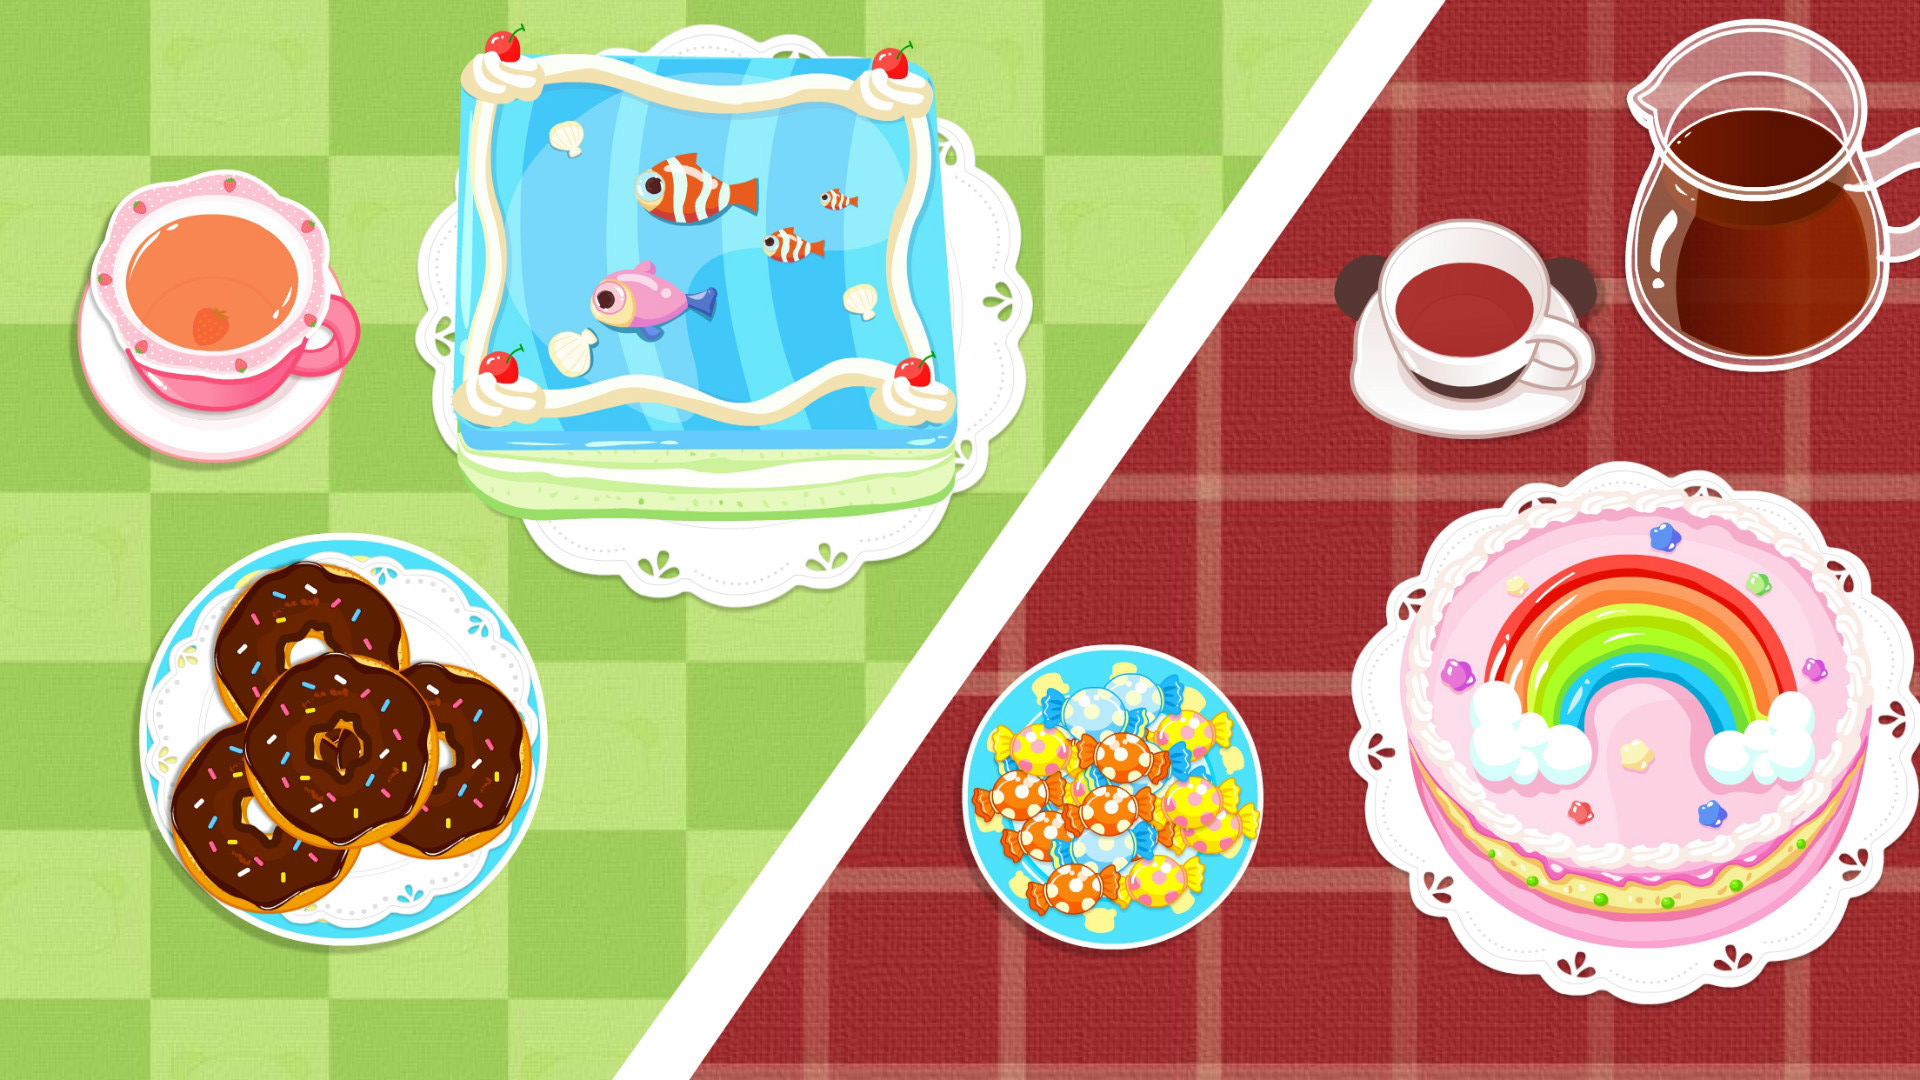 宝宝生日派对 V9.26.00.00 安卓版截图4